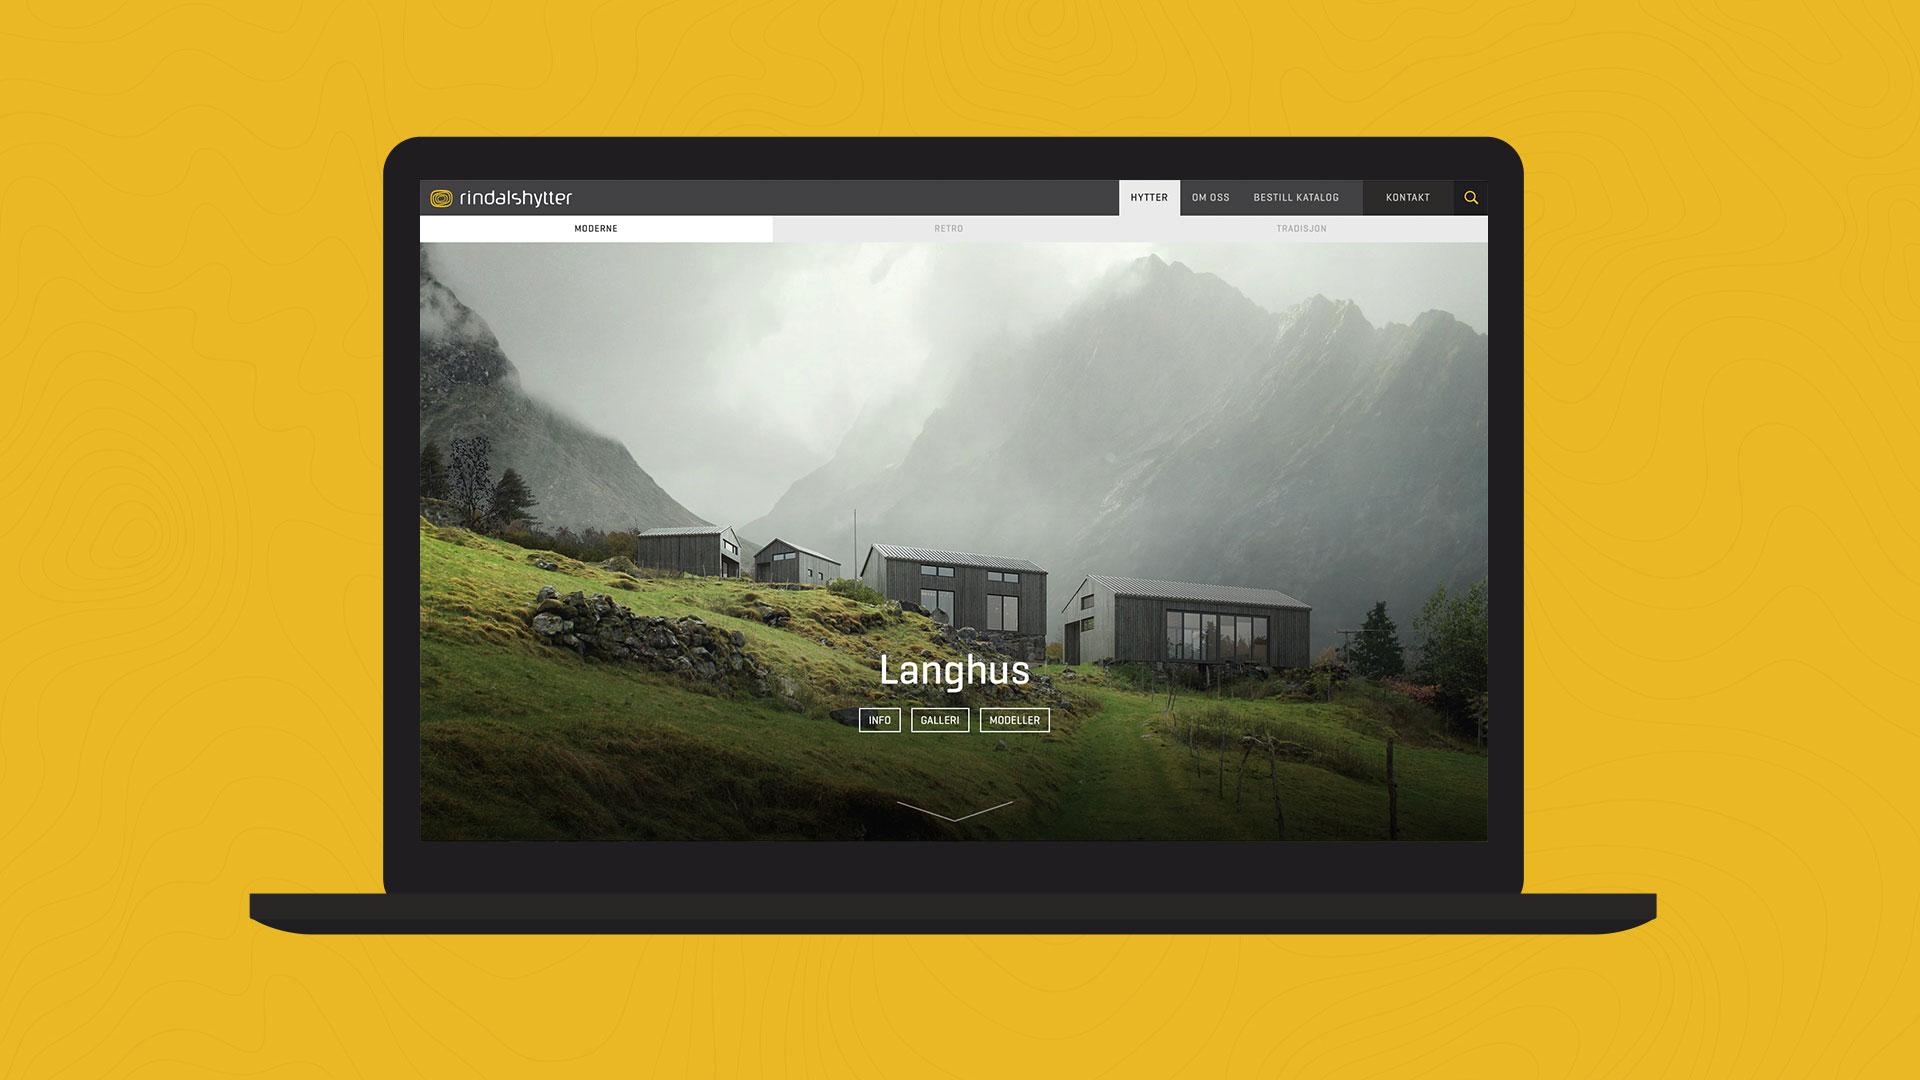 Rindalshytter-mockup-desktop-4.jpg